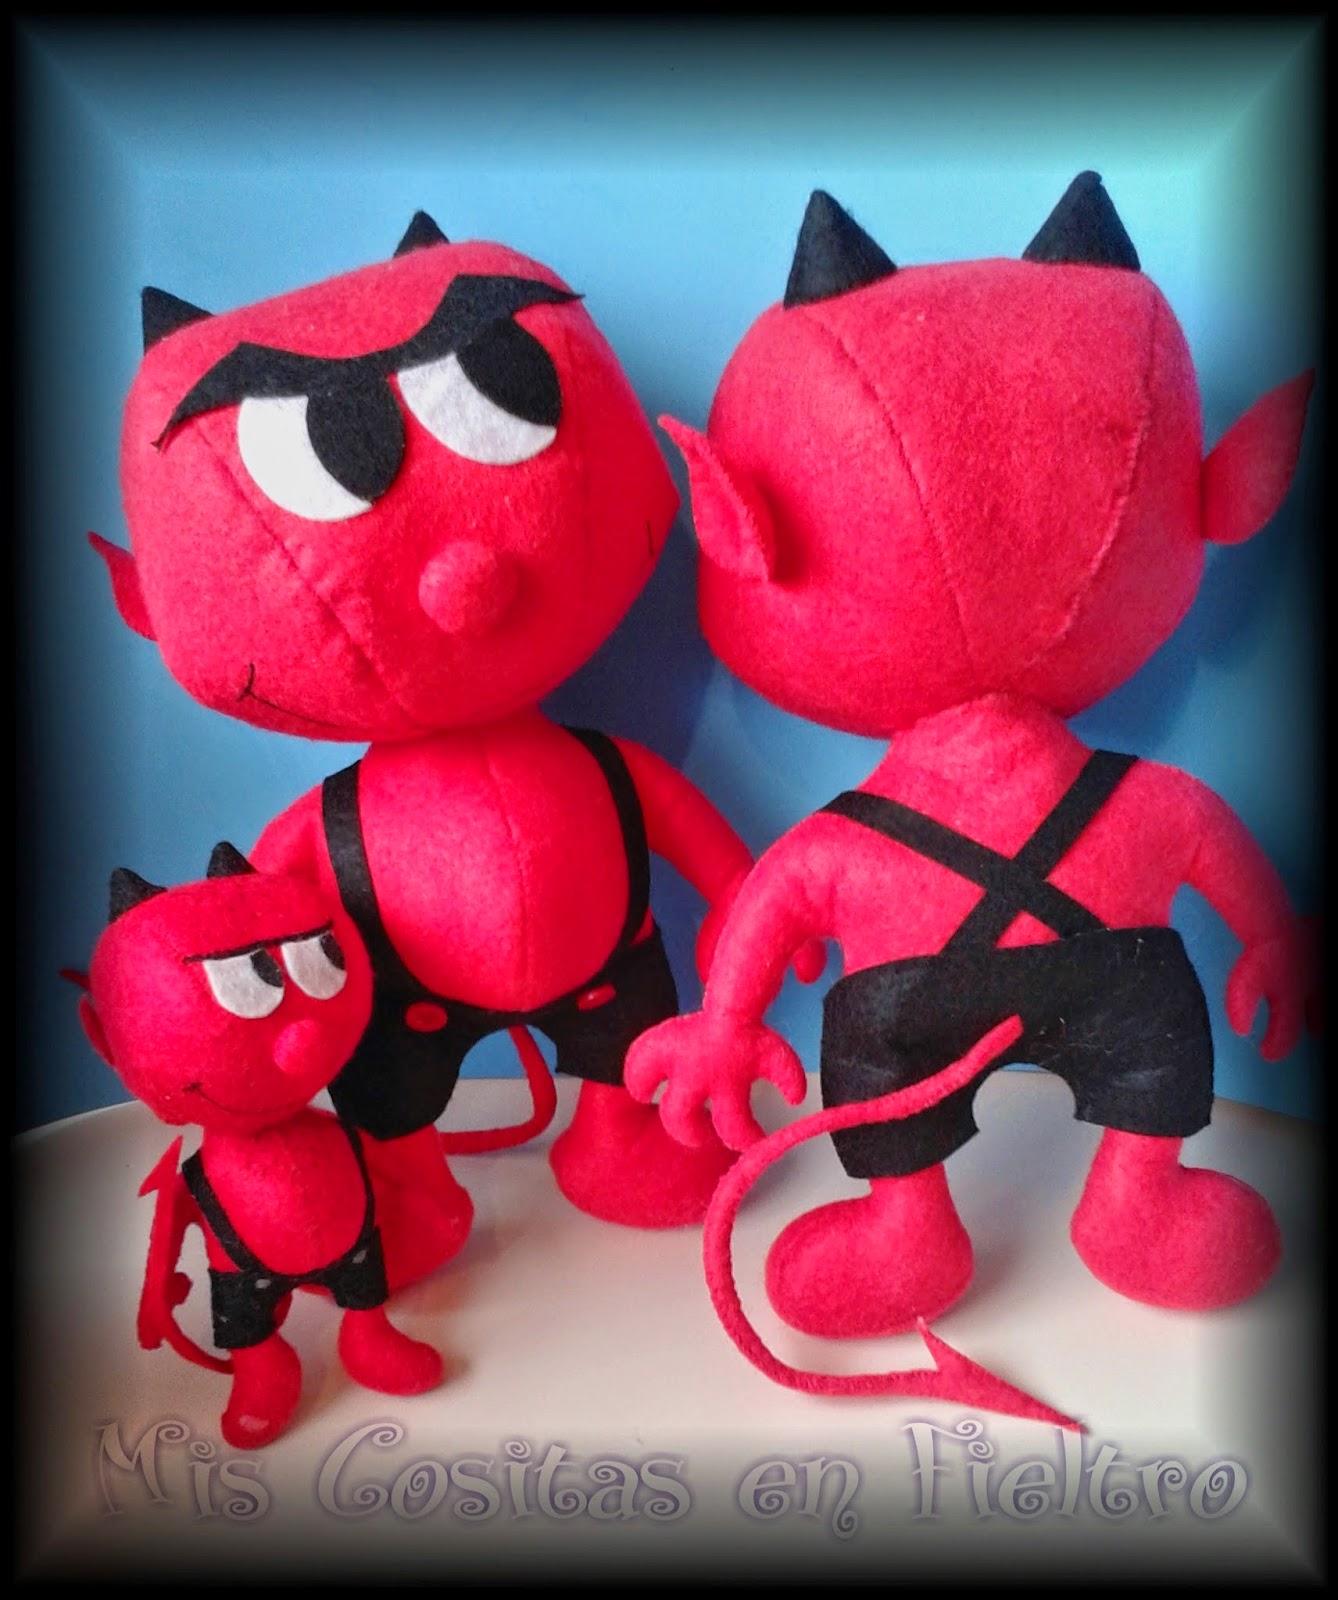 muñeco 3d, muñeco de fieltro, demonio de fieltro, felt damon, diablo de fieltro, muñeco demonio, muñeco diablo, terror